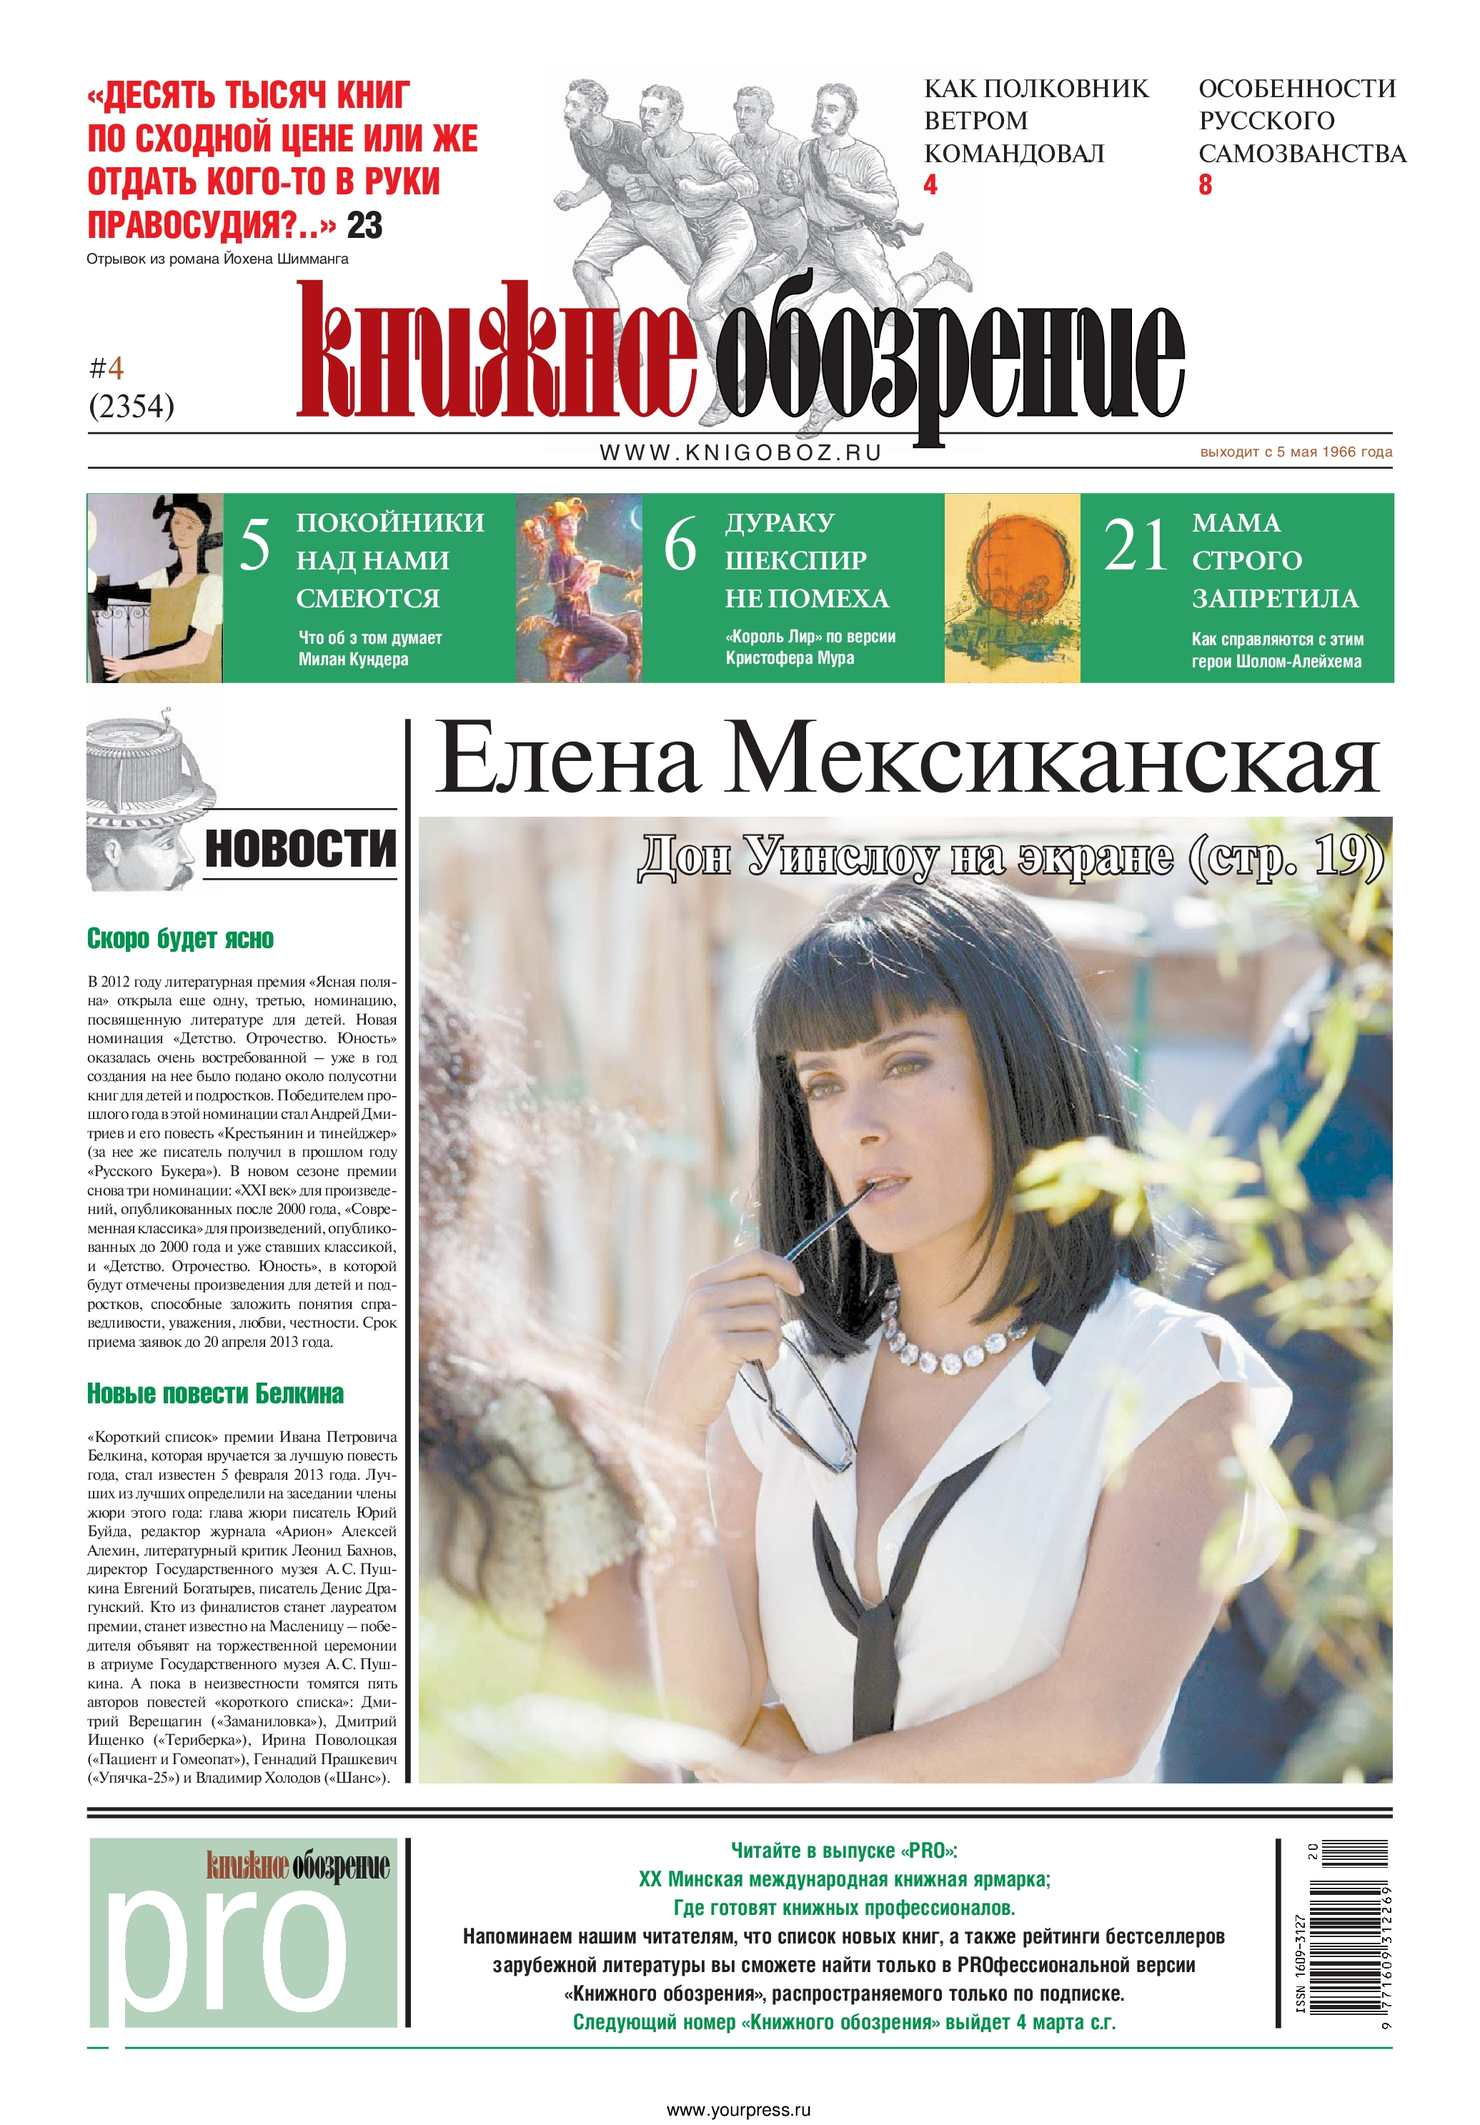 Газета. Книжное обозрение № 4 (2354)